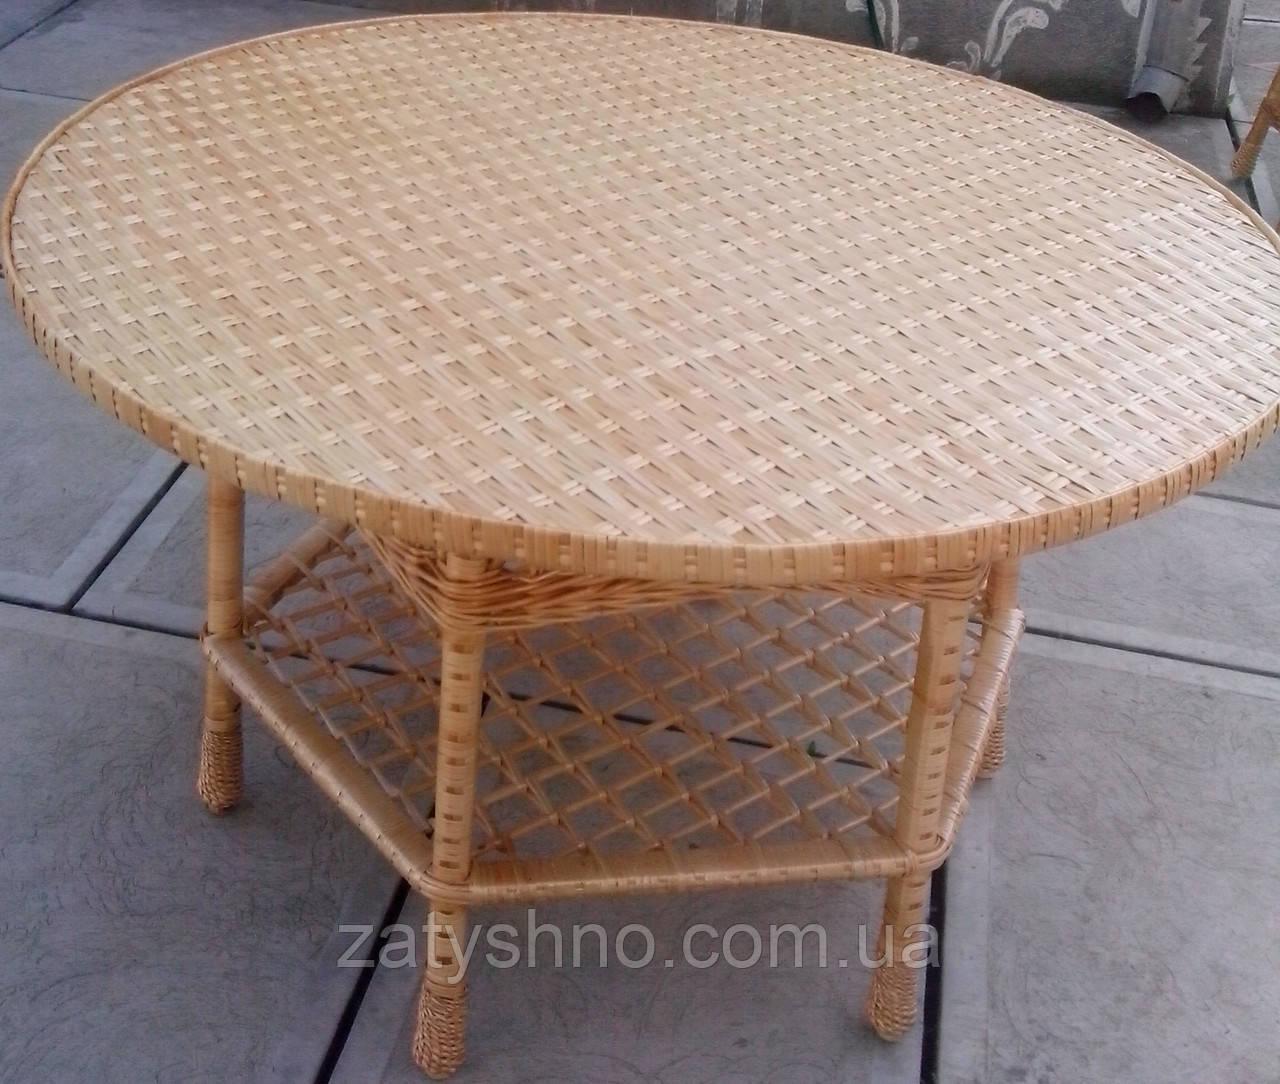 Плетеный стол  в сад большой